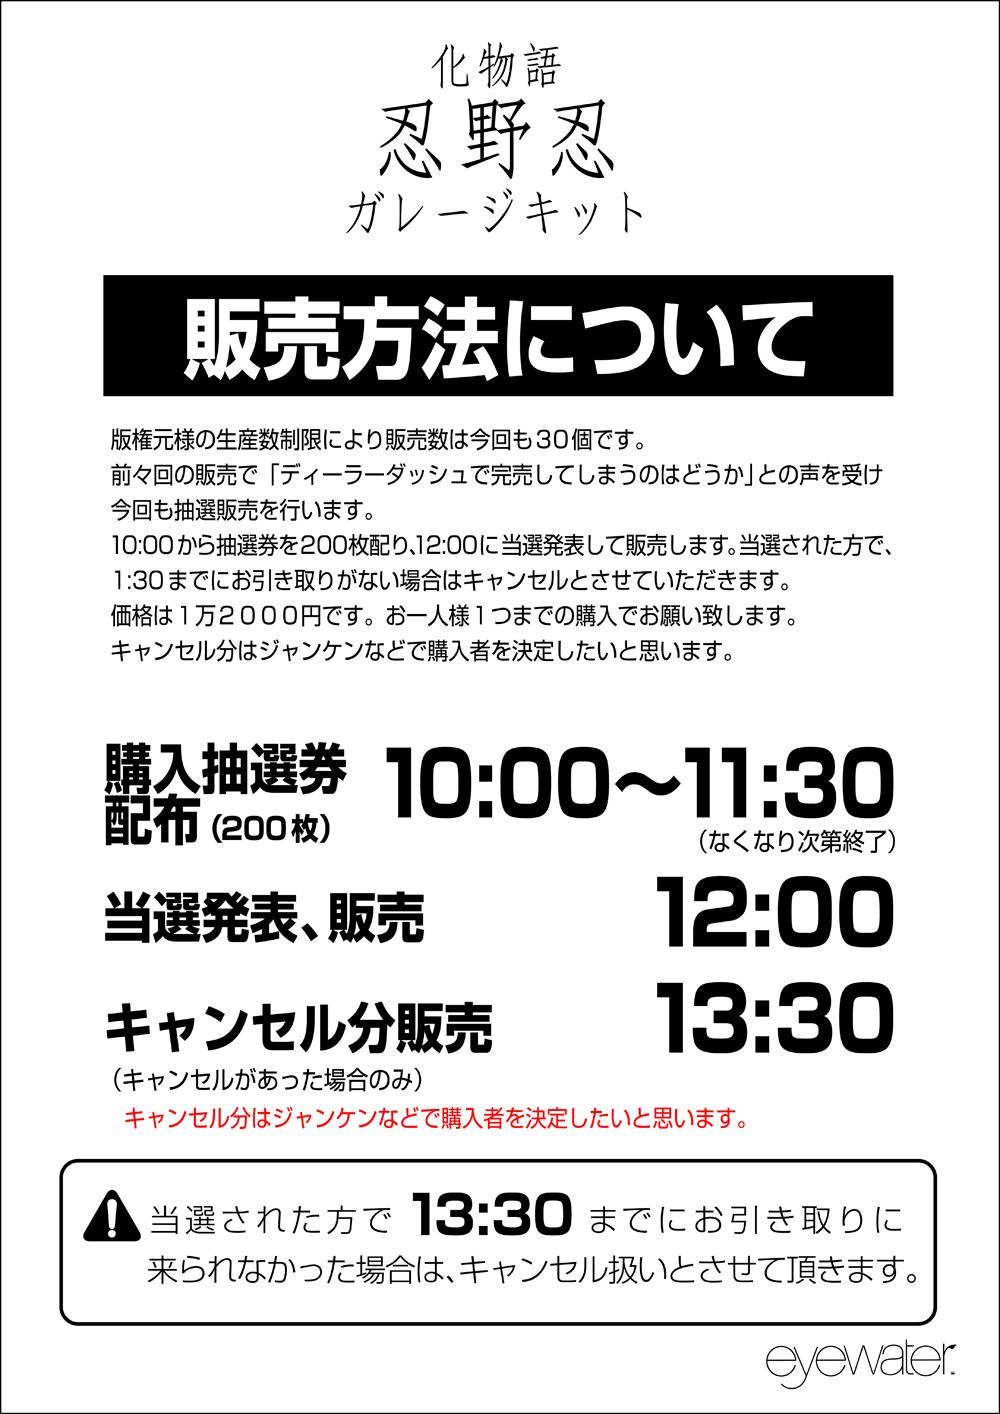 ワンフェス2013夏 ガレージキット忍野忍 販売方法_e0206358_18335067.jpg